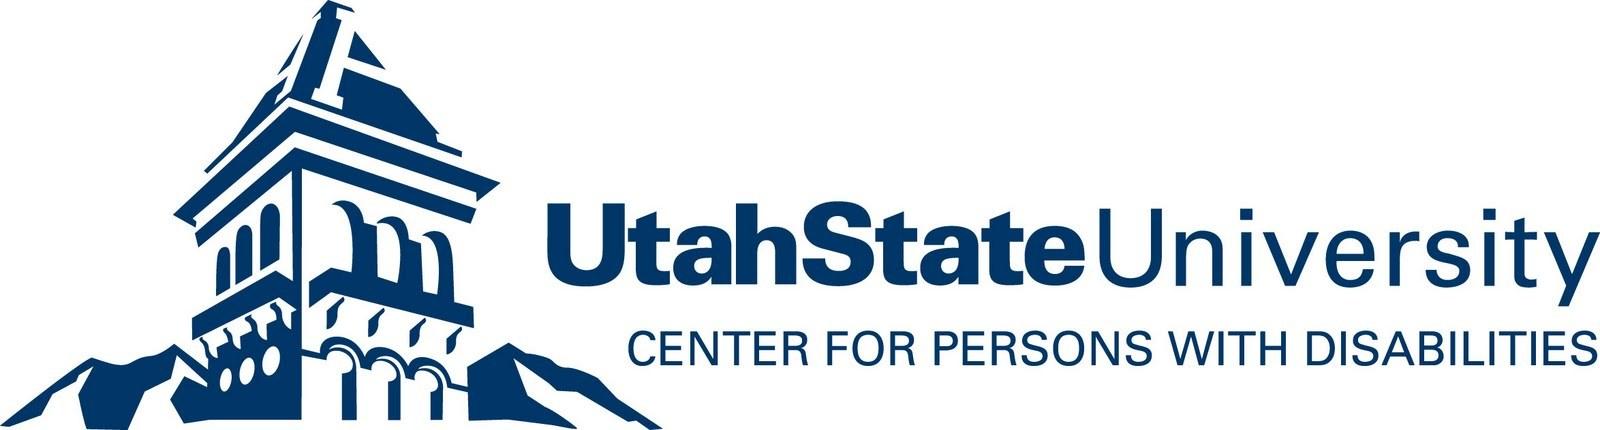 Utah-State_ORIGINAL.jpg#asset:3270